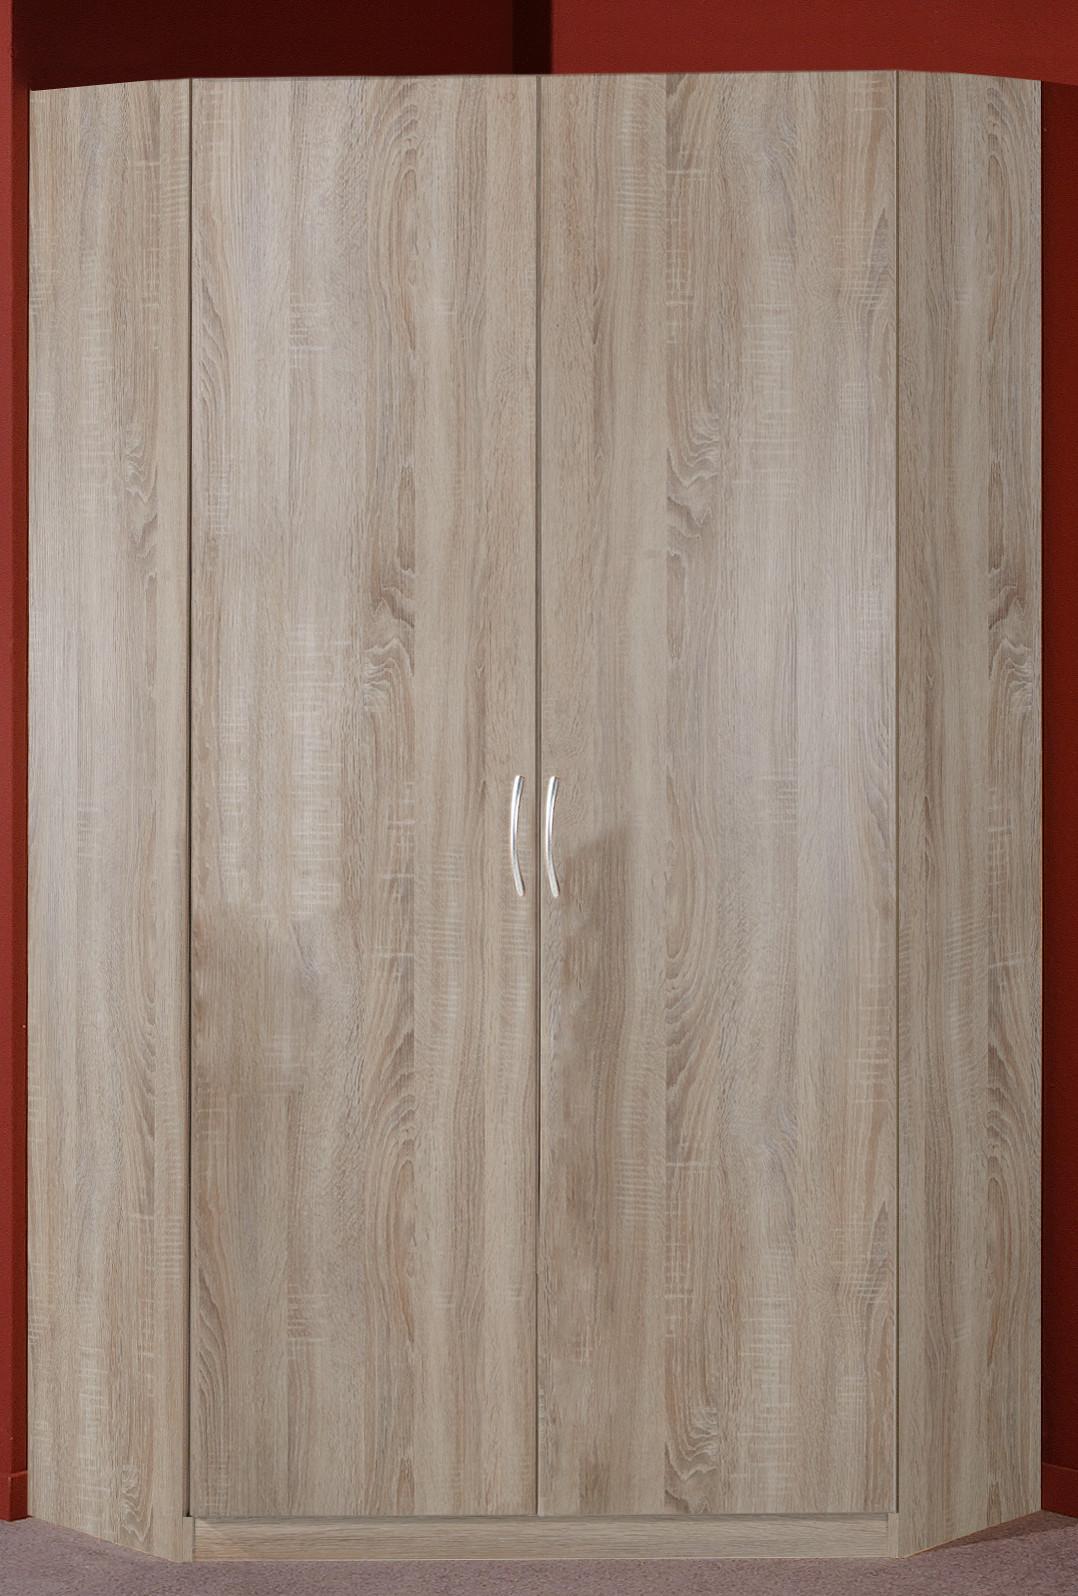 wimex eckschrank mit oder ohne spiegel h he 198 cm 4 farben eck kleiderschrank ebay. Black Bedroom Furniture Sets. Home Design Ideas